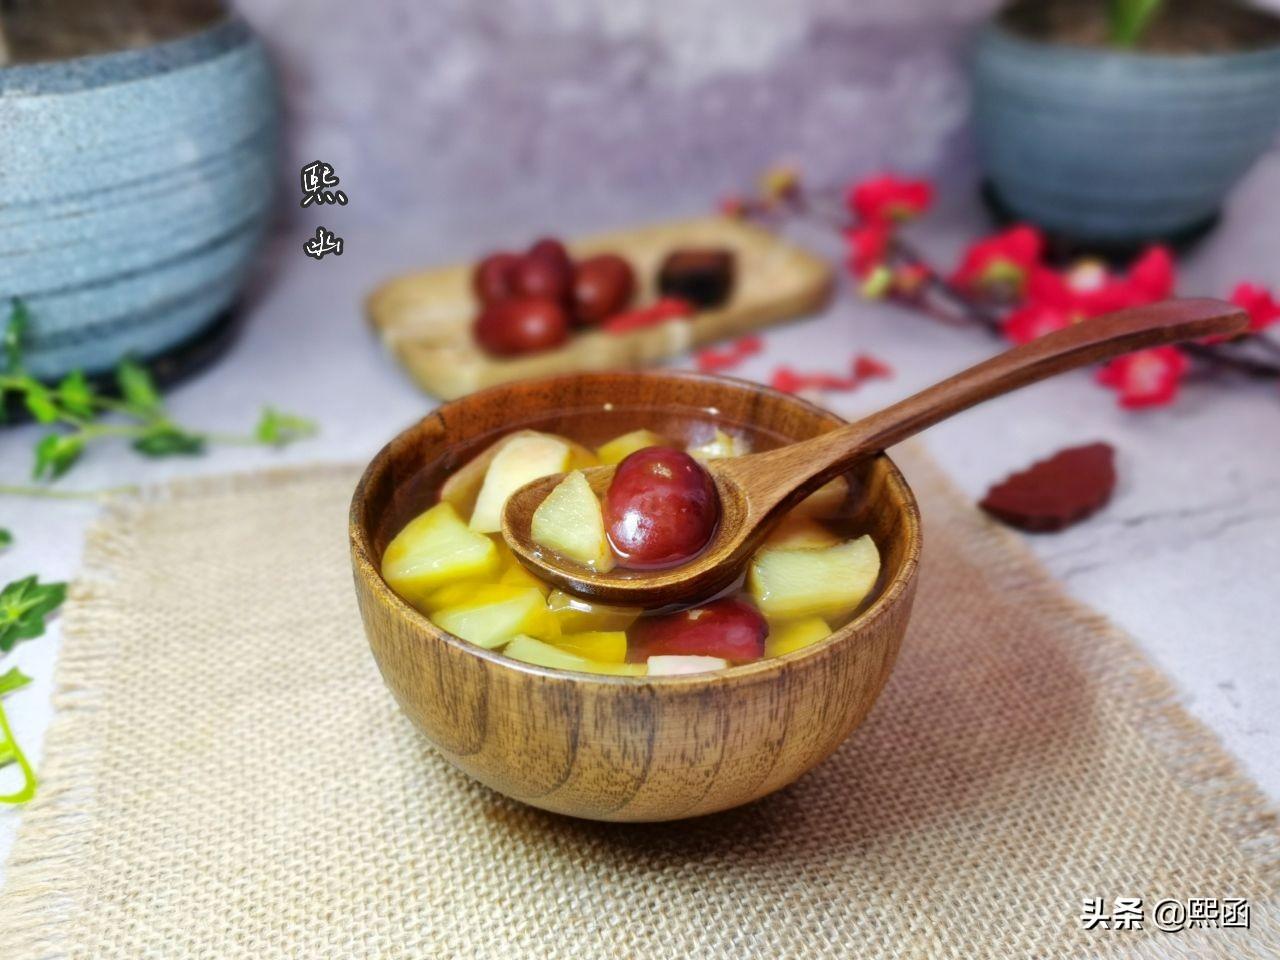 春天,把苹果和红枣一起煮,隔三差五喝几次,作用真不小 美食做法 第2张